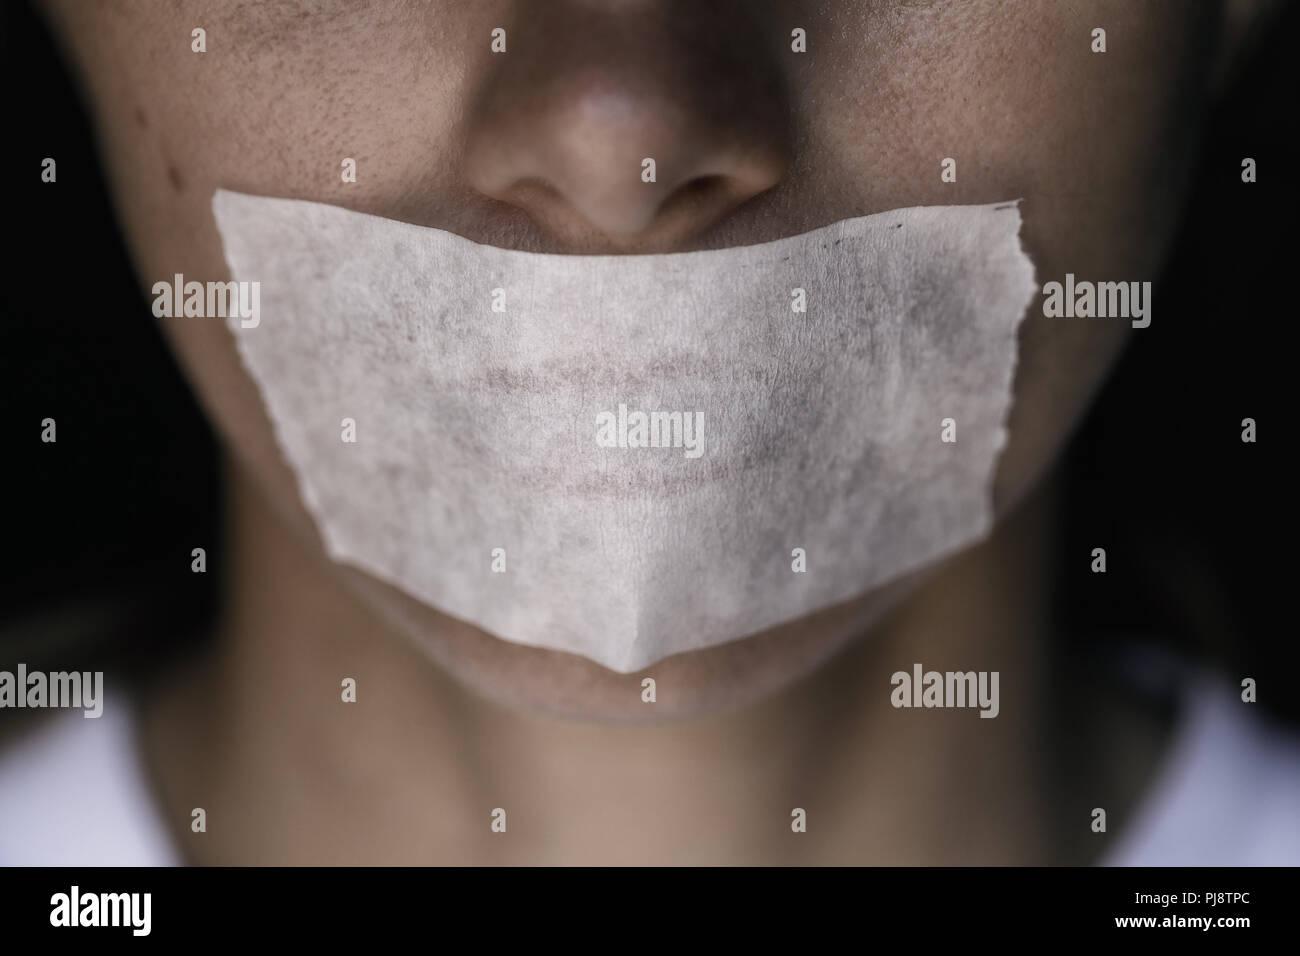 La censura en el mundo moderno: Un hombre de la boca sellada con cinta adhesiva, close-up Imagen De Stock